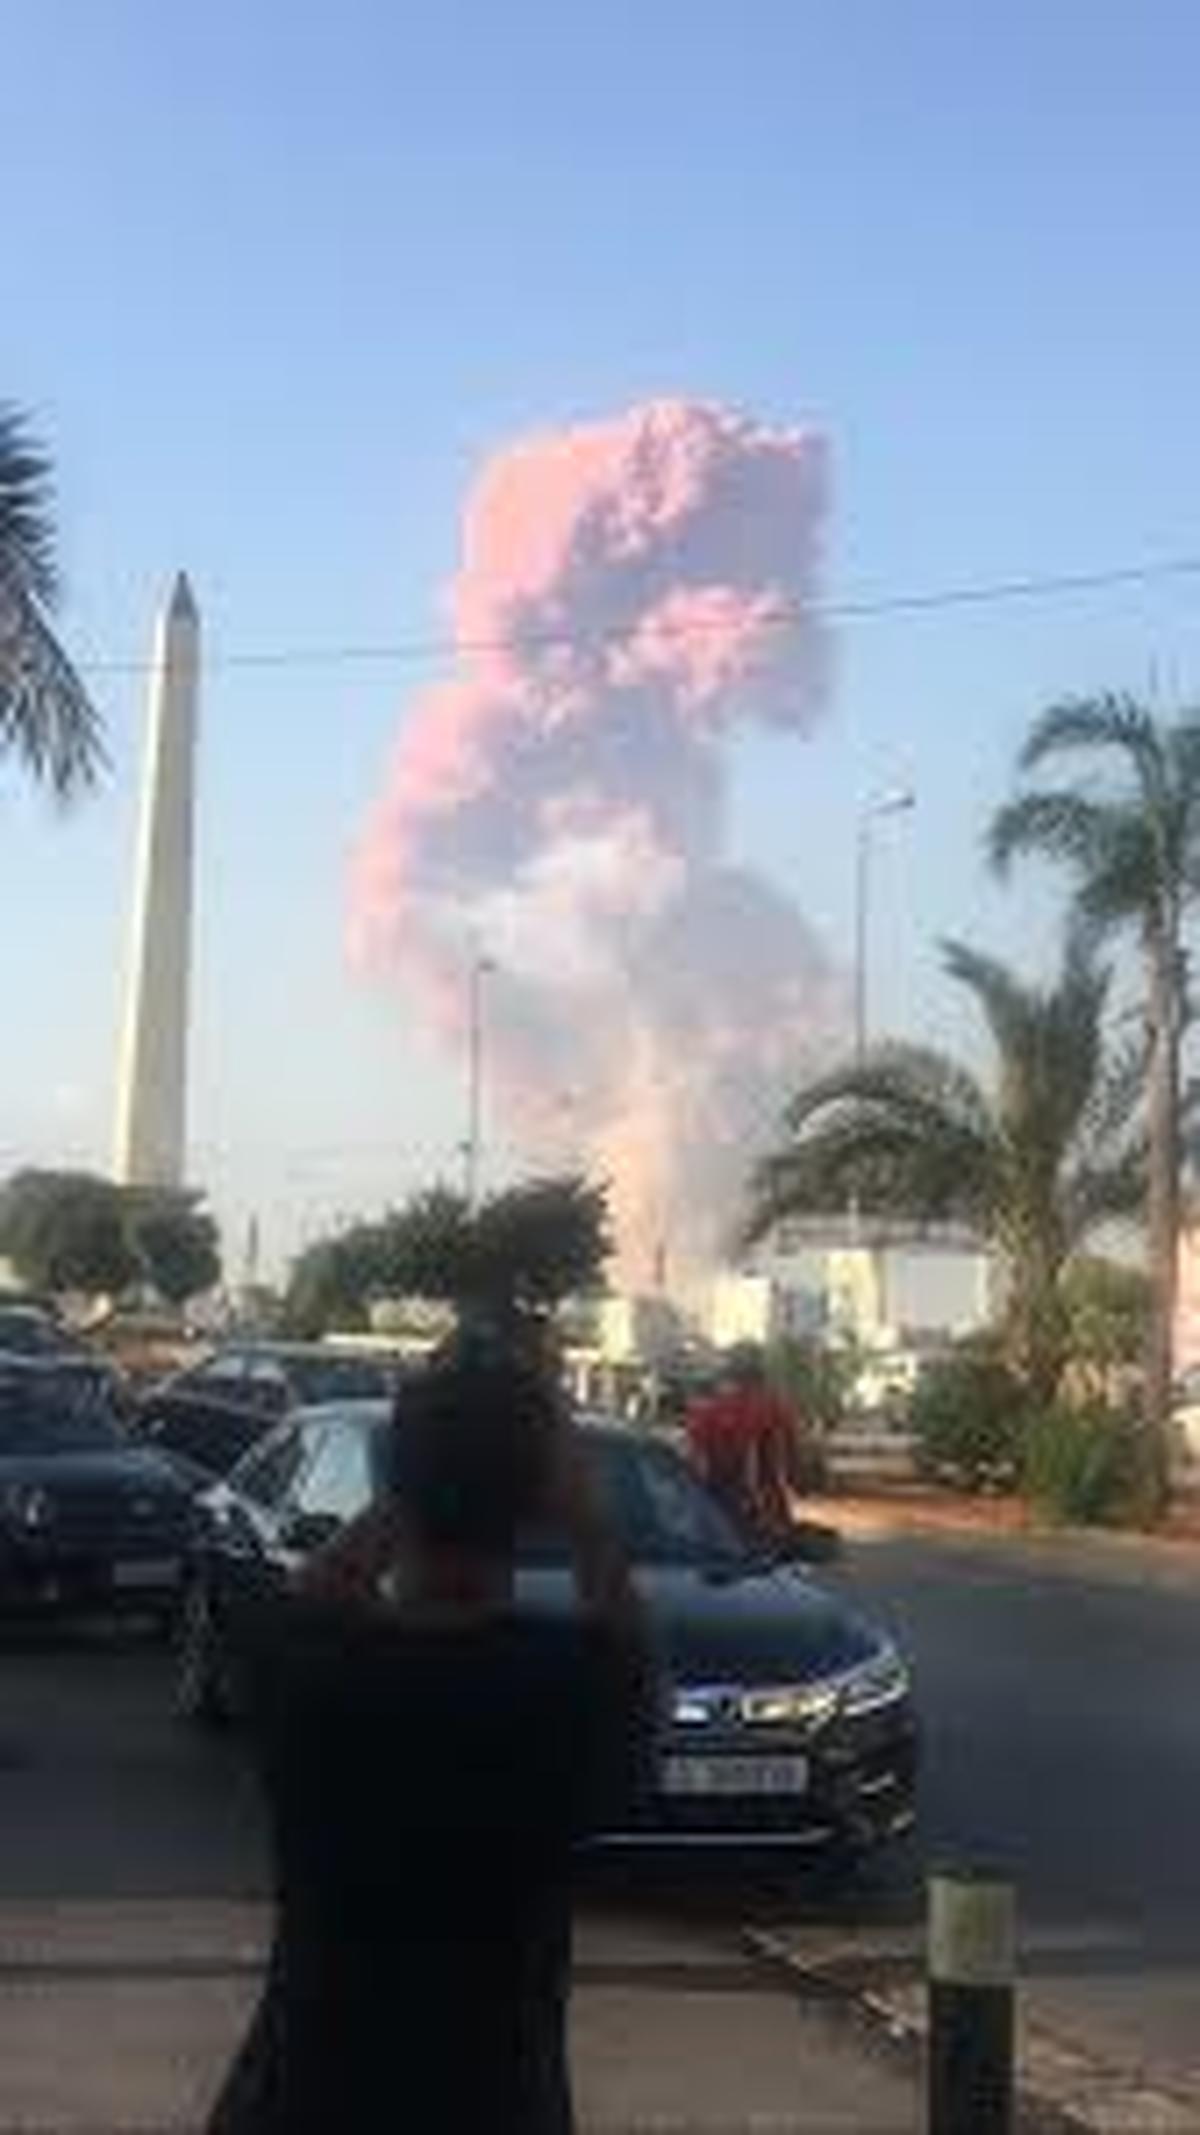 حادثه |  آتشسوزی عظیمی در بندر بیروت رخ داد